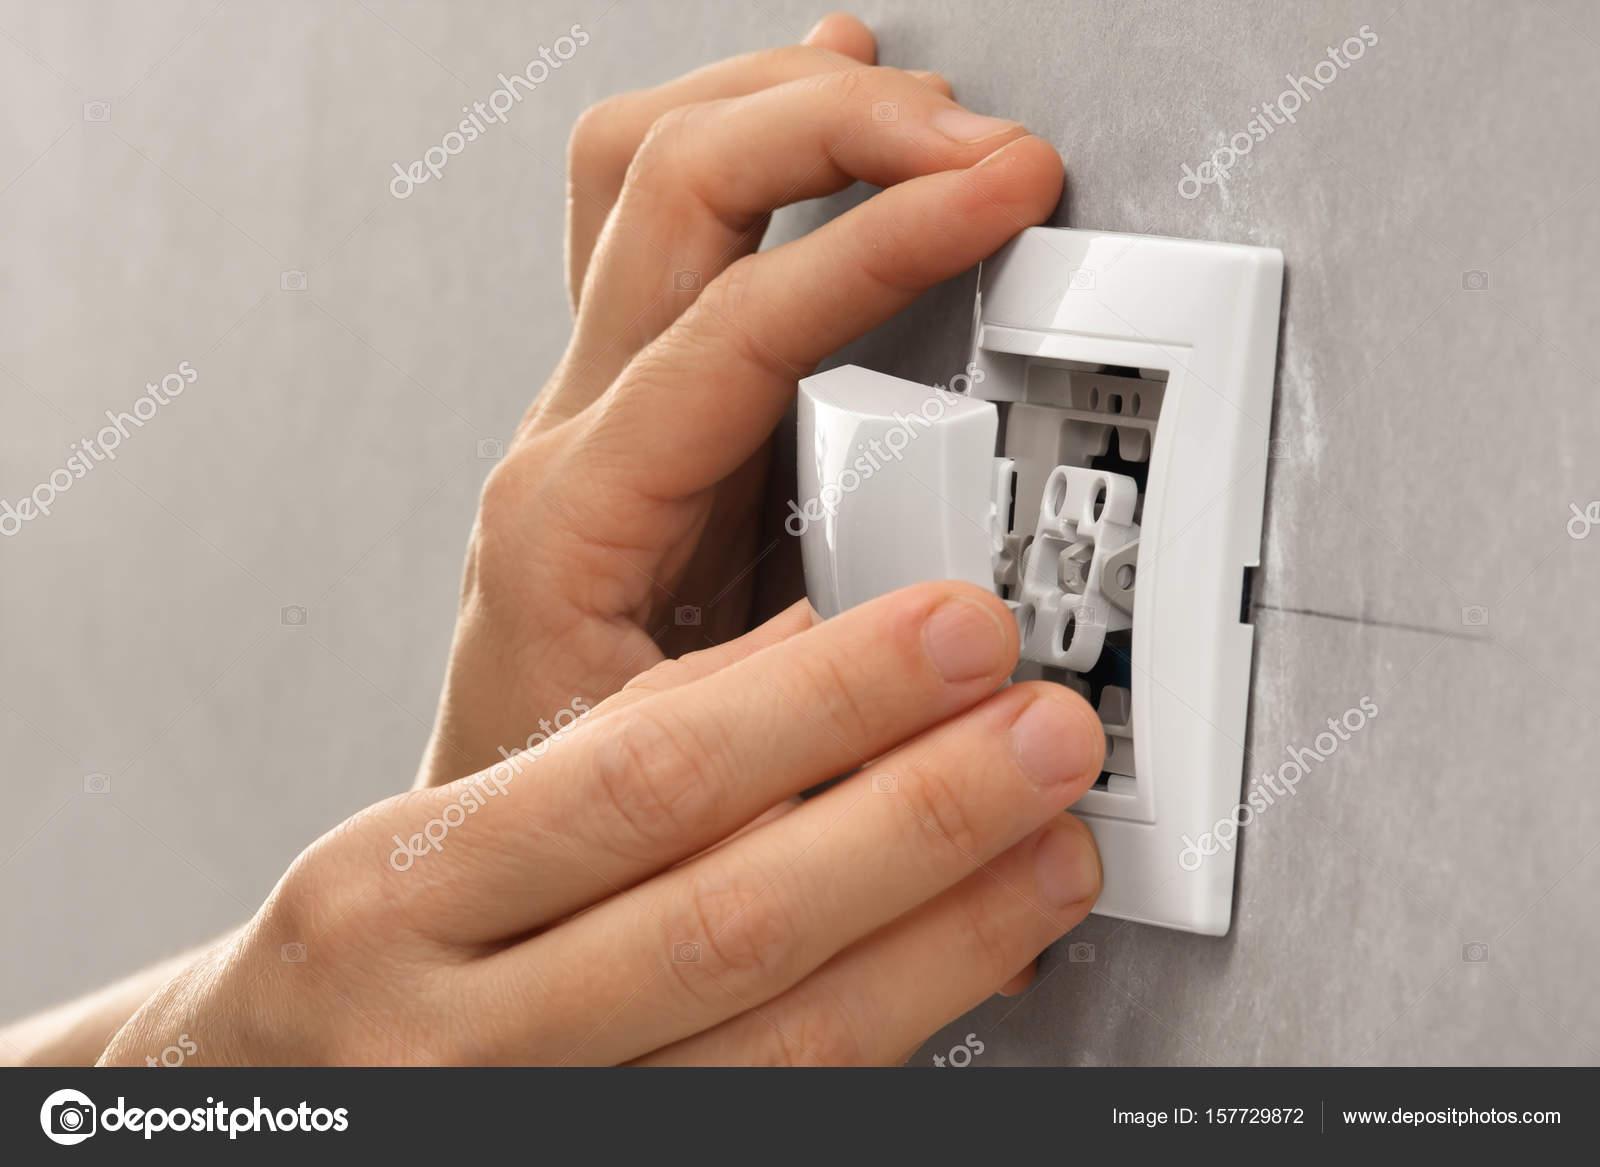 Händen der Elektriker Installation Lichtschalter — Stockfoto ...